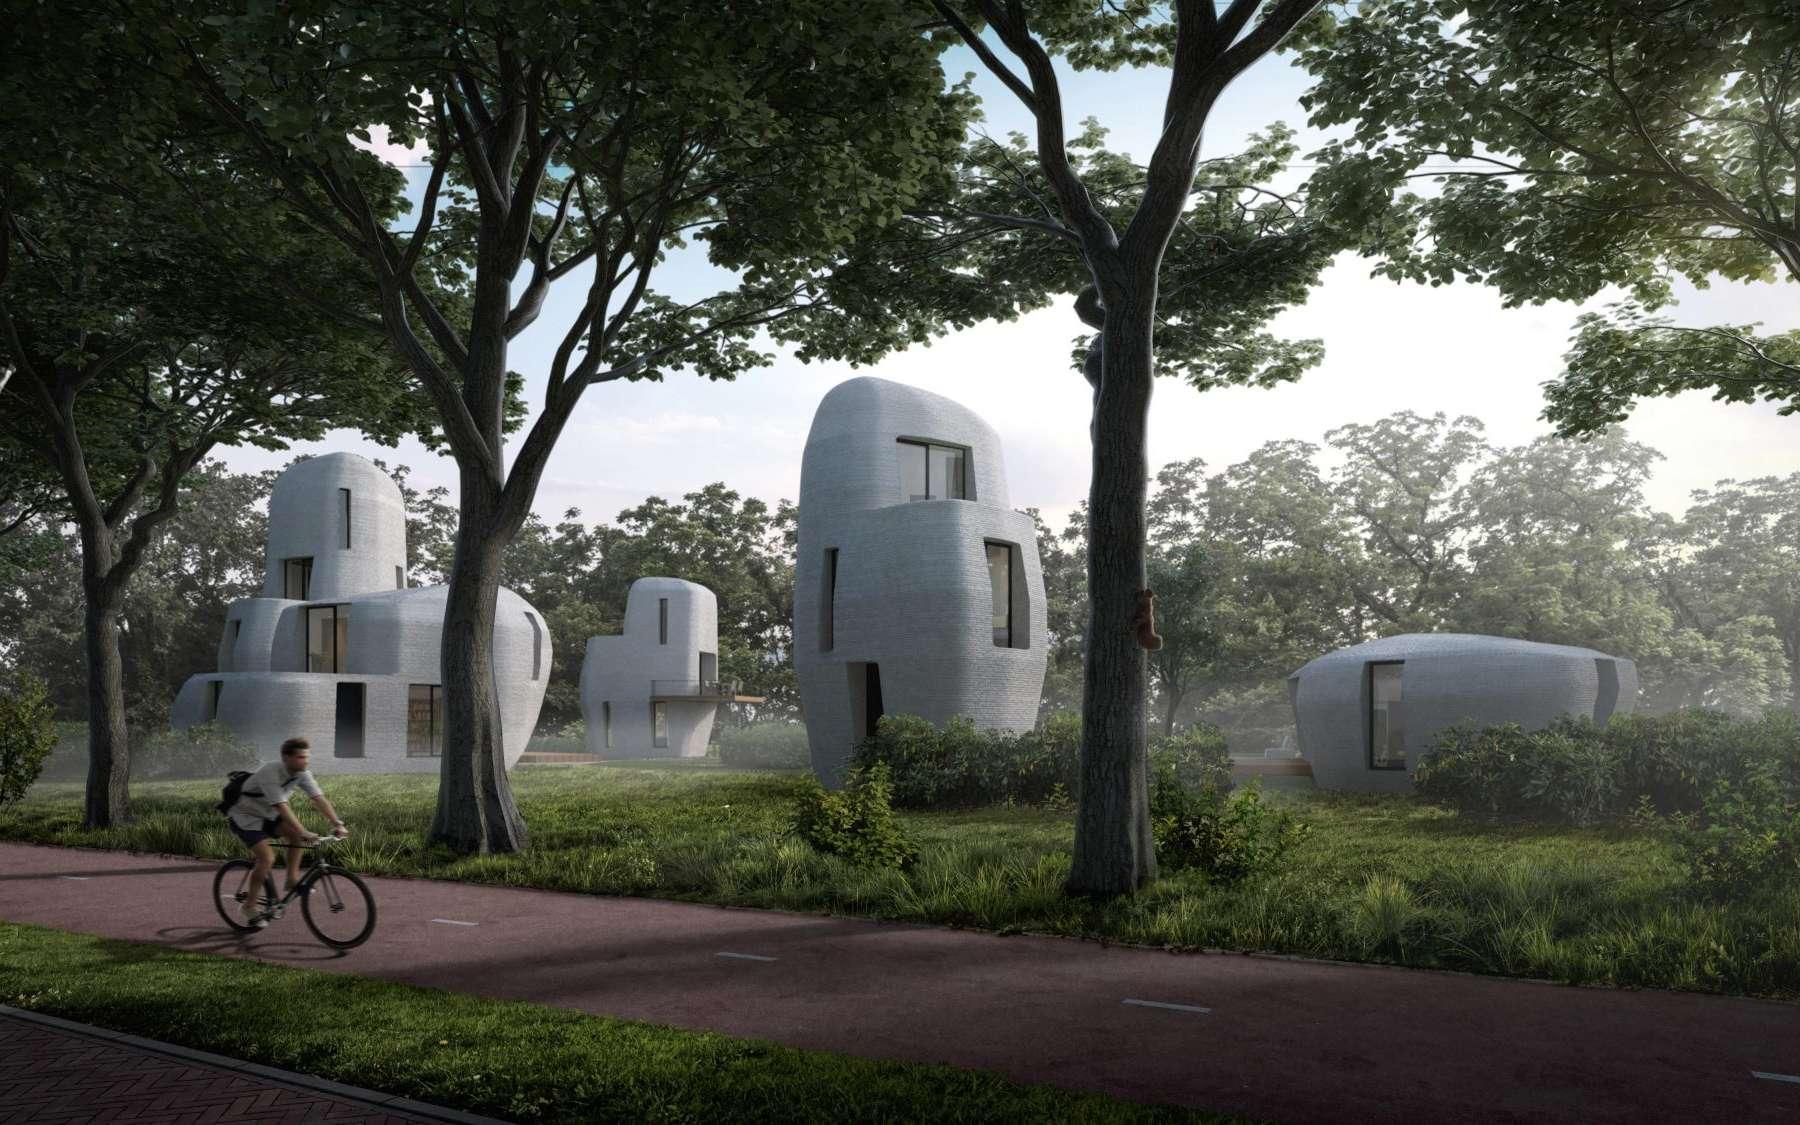 Ces cinq maisons imprimées en 3D sont les premières à être commercialisées. © Van Wijnen